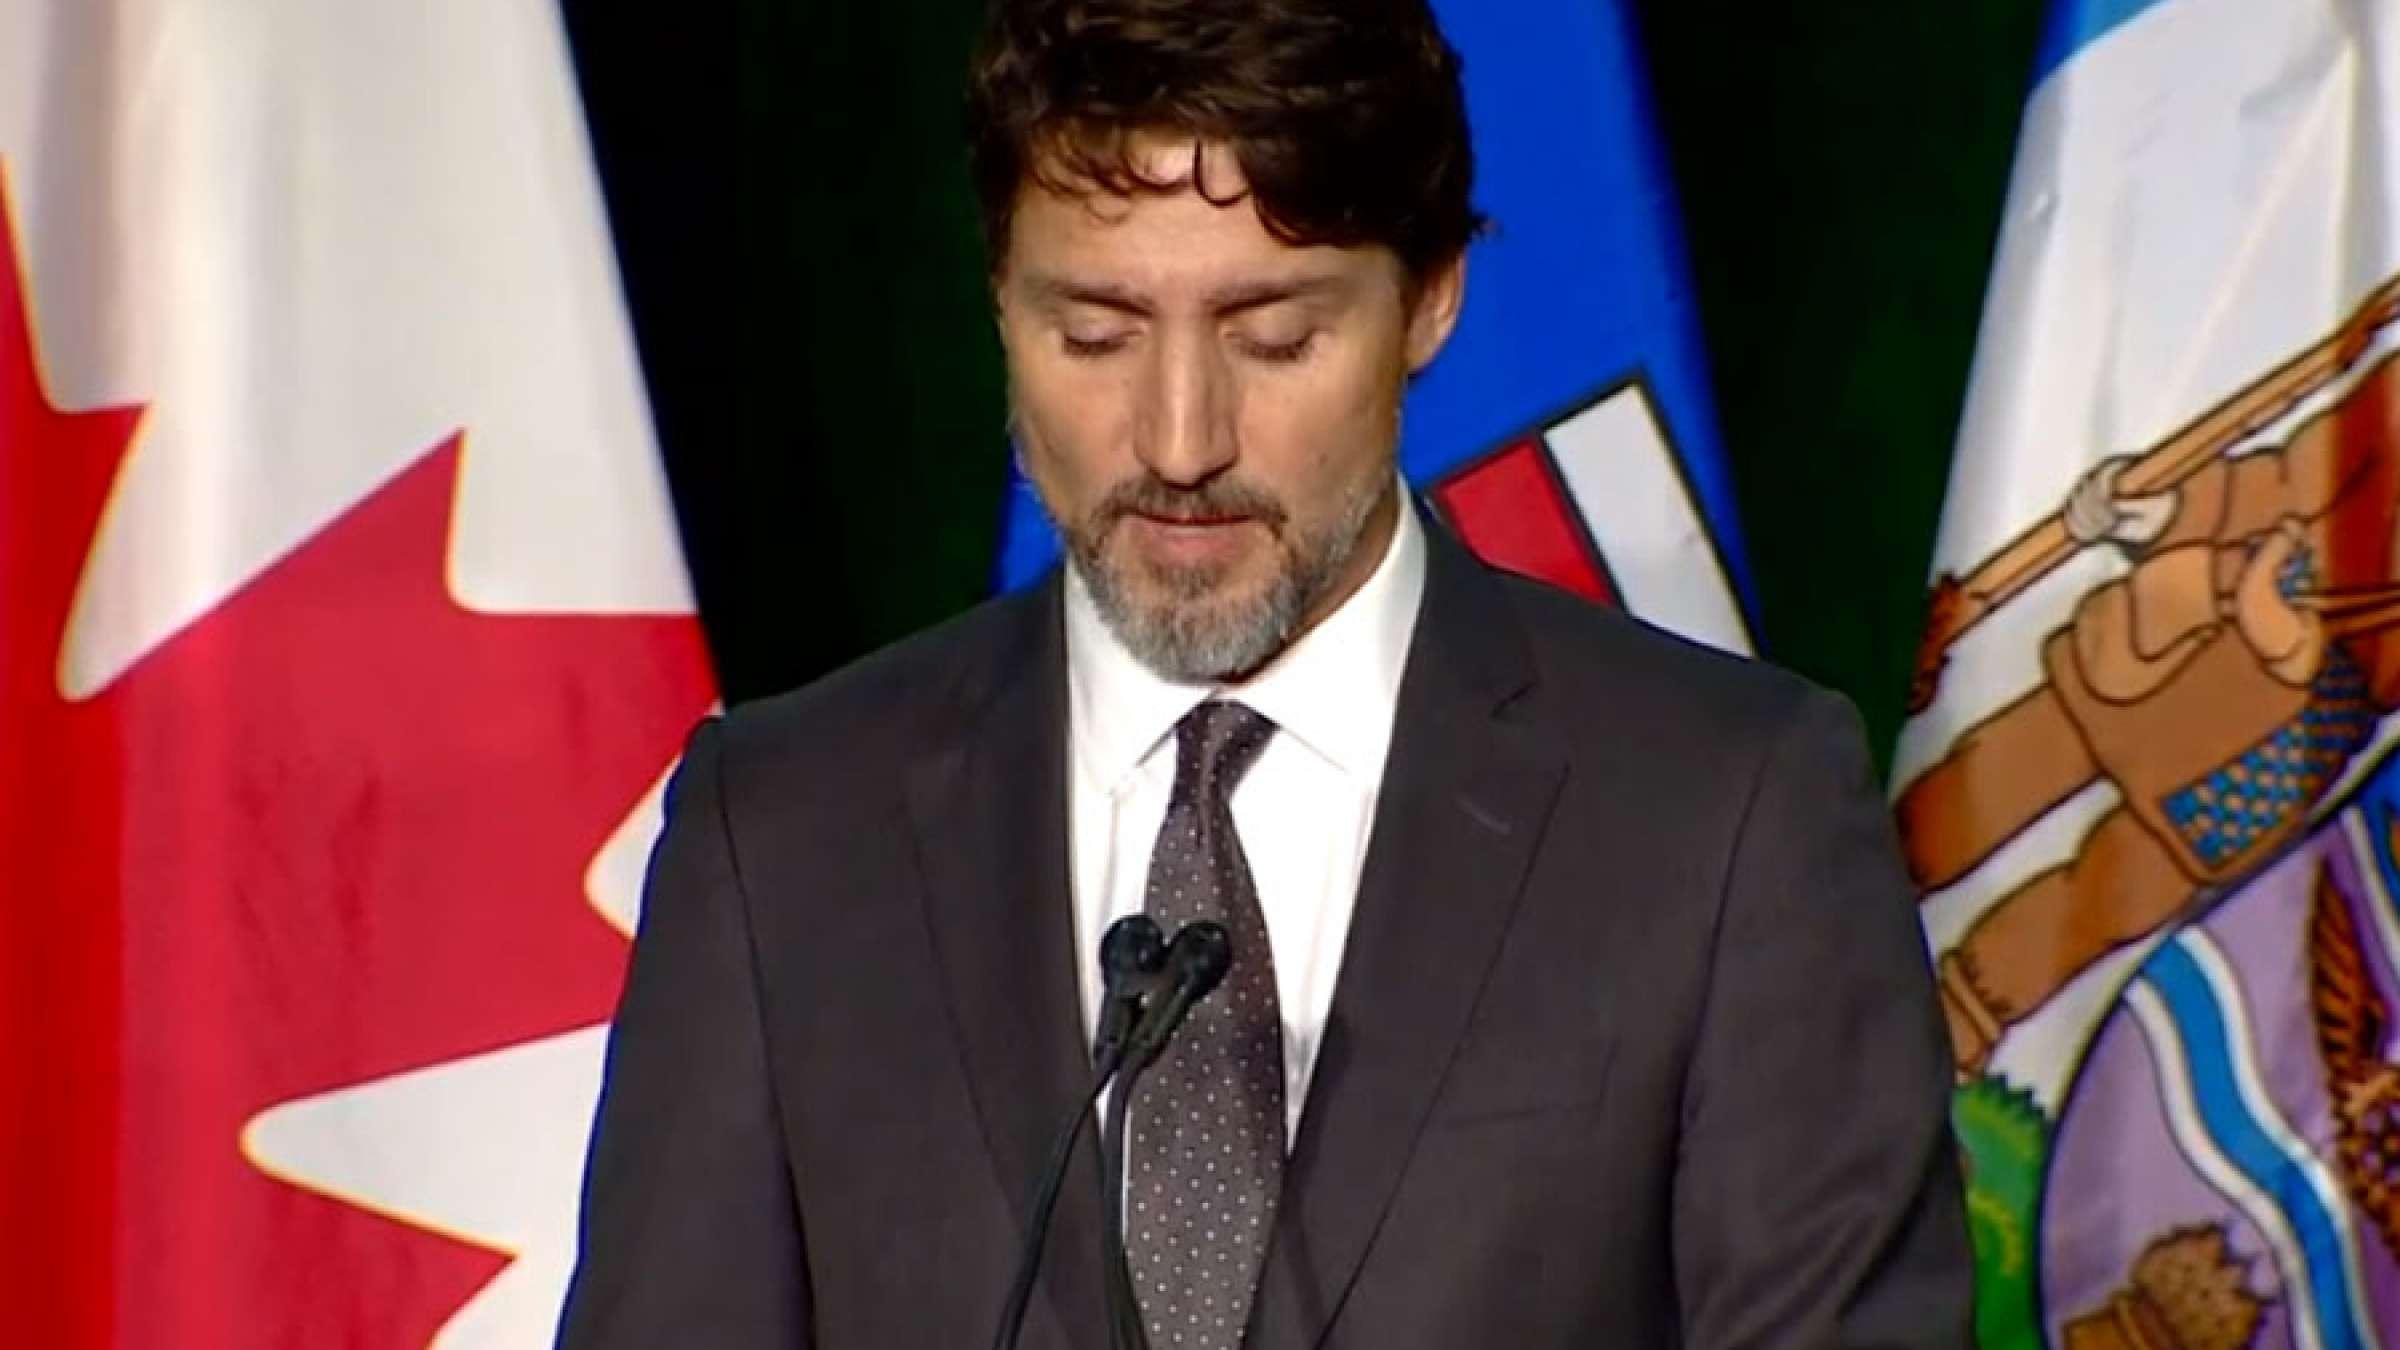 اخبار-کانادا-شرکت-هزاران-نفر-در-مراسم-بزرگداشت-قربانیان-سقوط-هواپیمای-اوکراینی